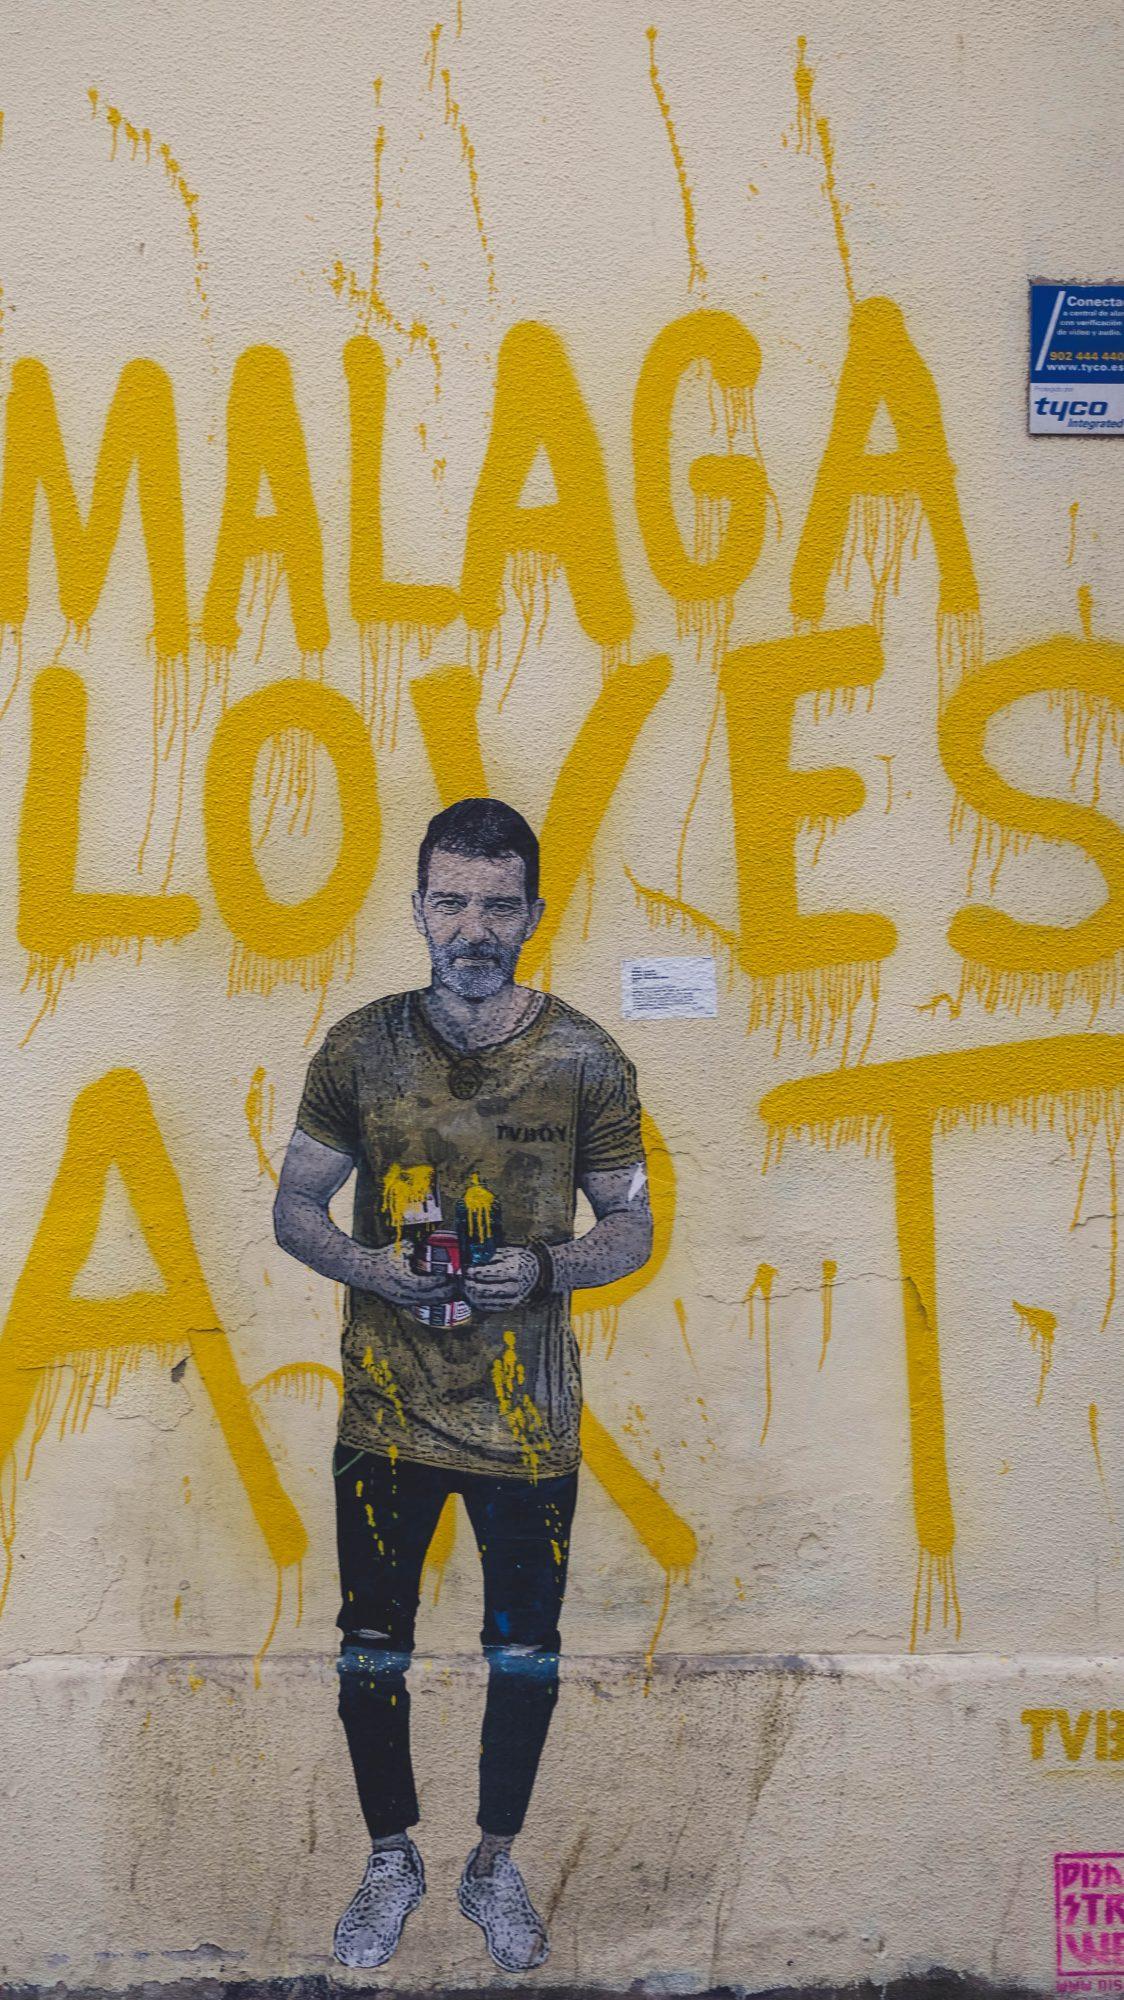 Malaga Loves Art 1.2 - Malaga, Espagne